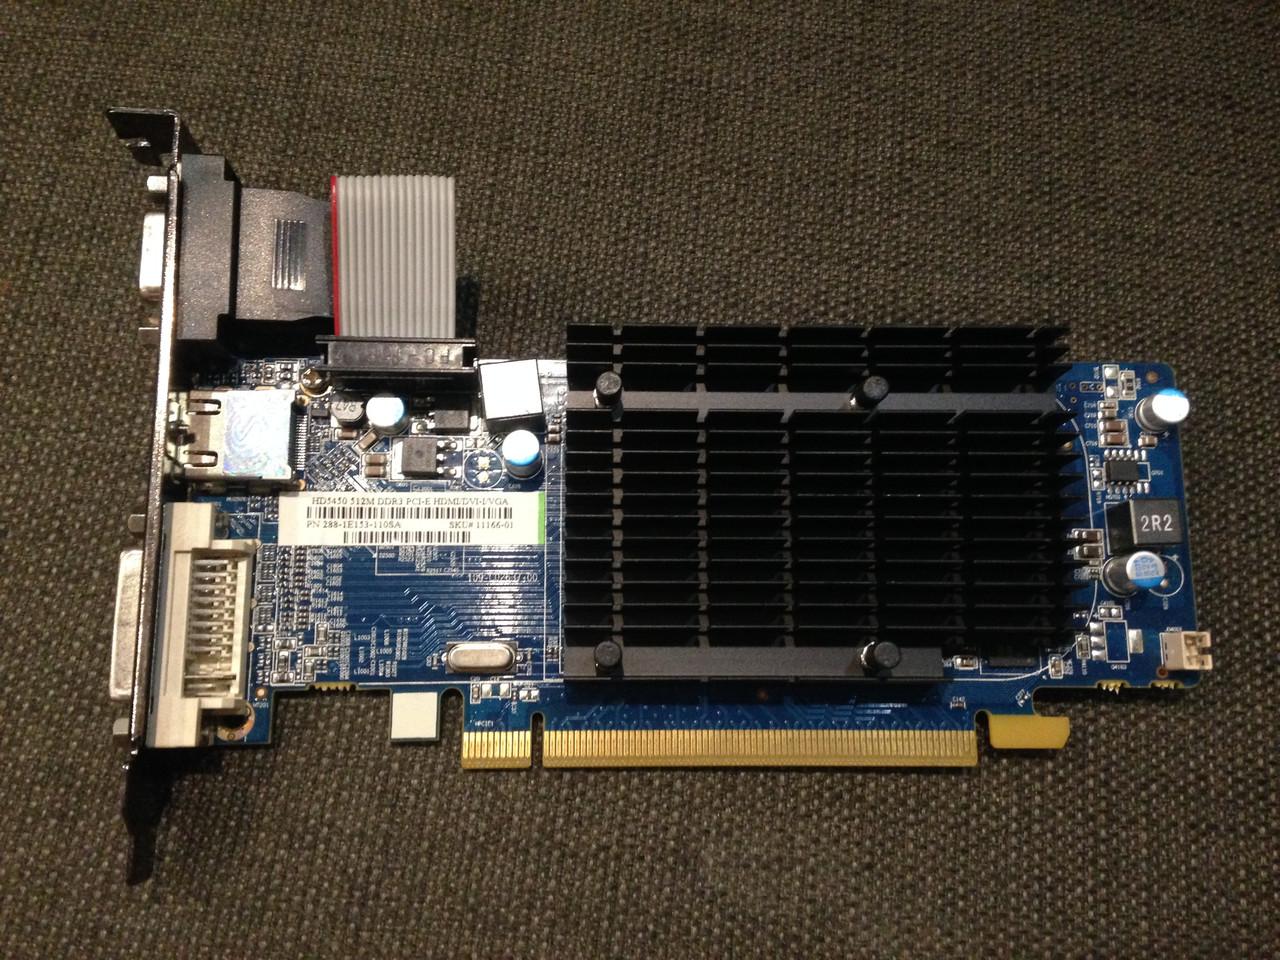 ВИДЕОКАРТА Pci-E RADEON c HDMI : HD 5450 на 512 MB  DDR3 с ГАРАНТИЕЙ ( видеоадаптер HD5450 512mb  )